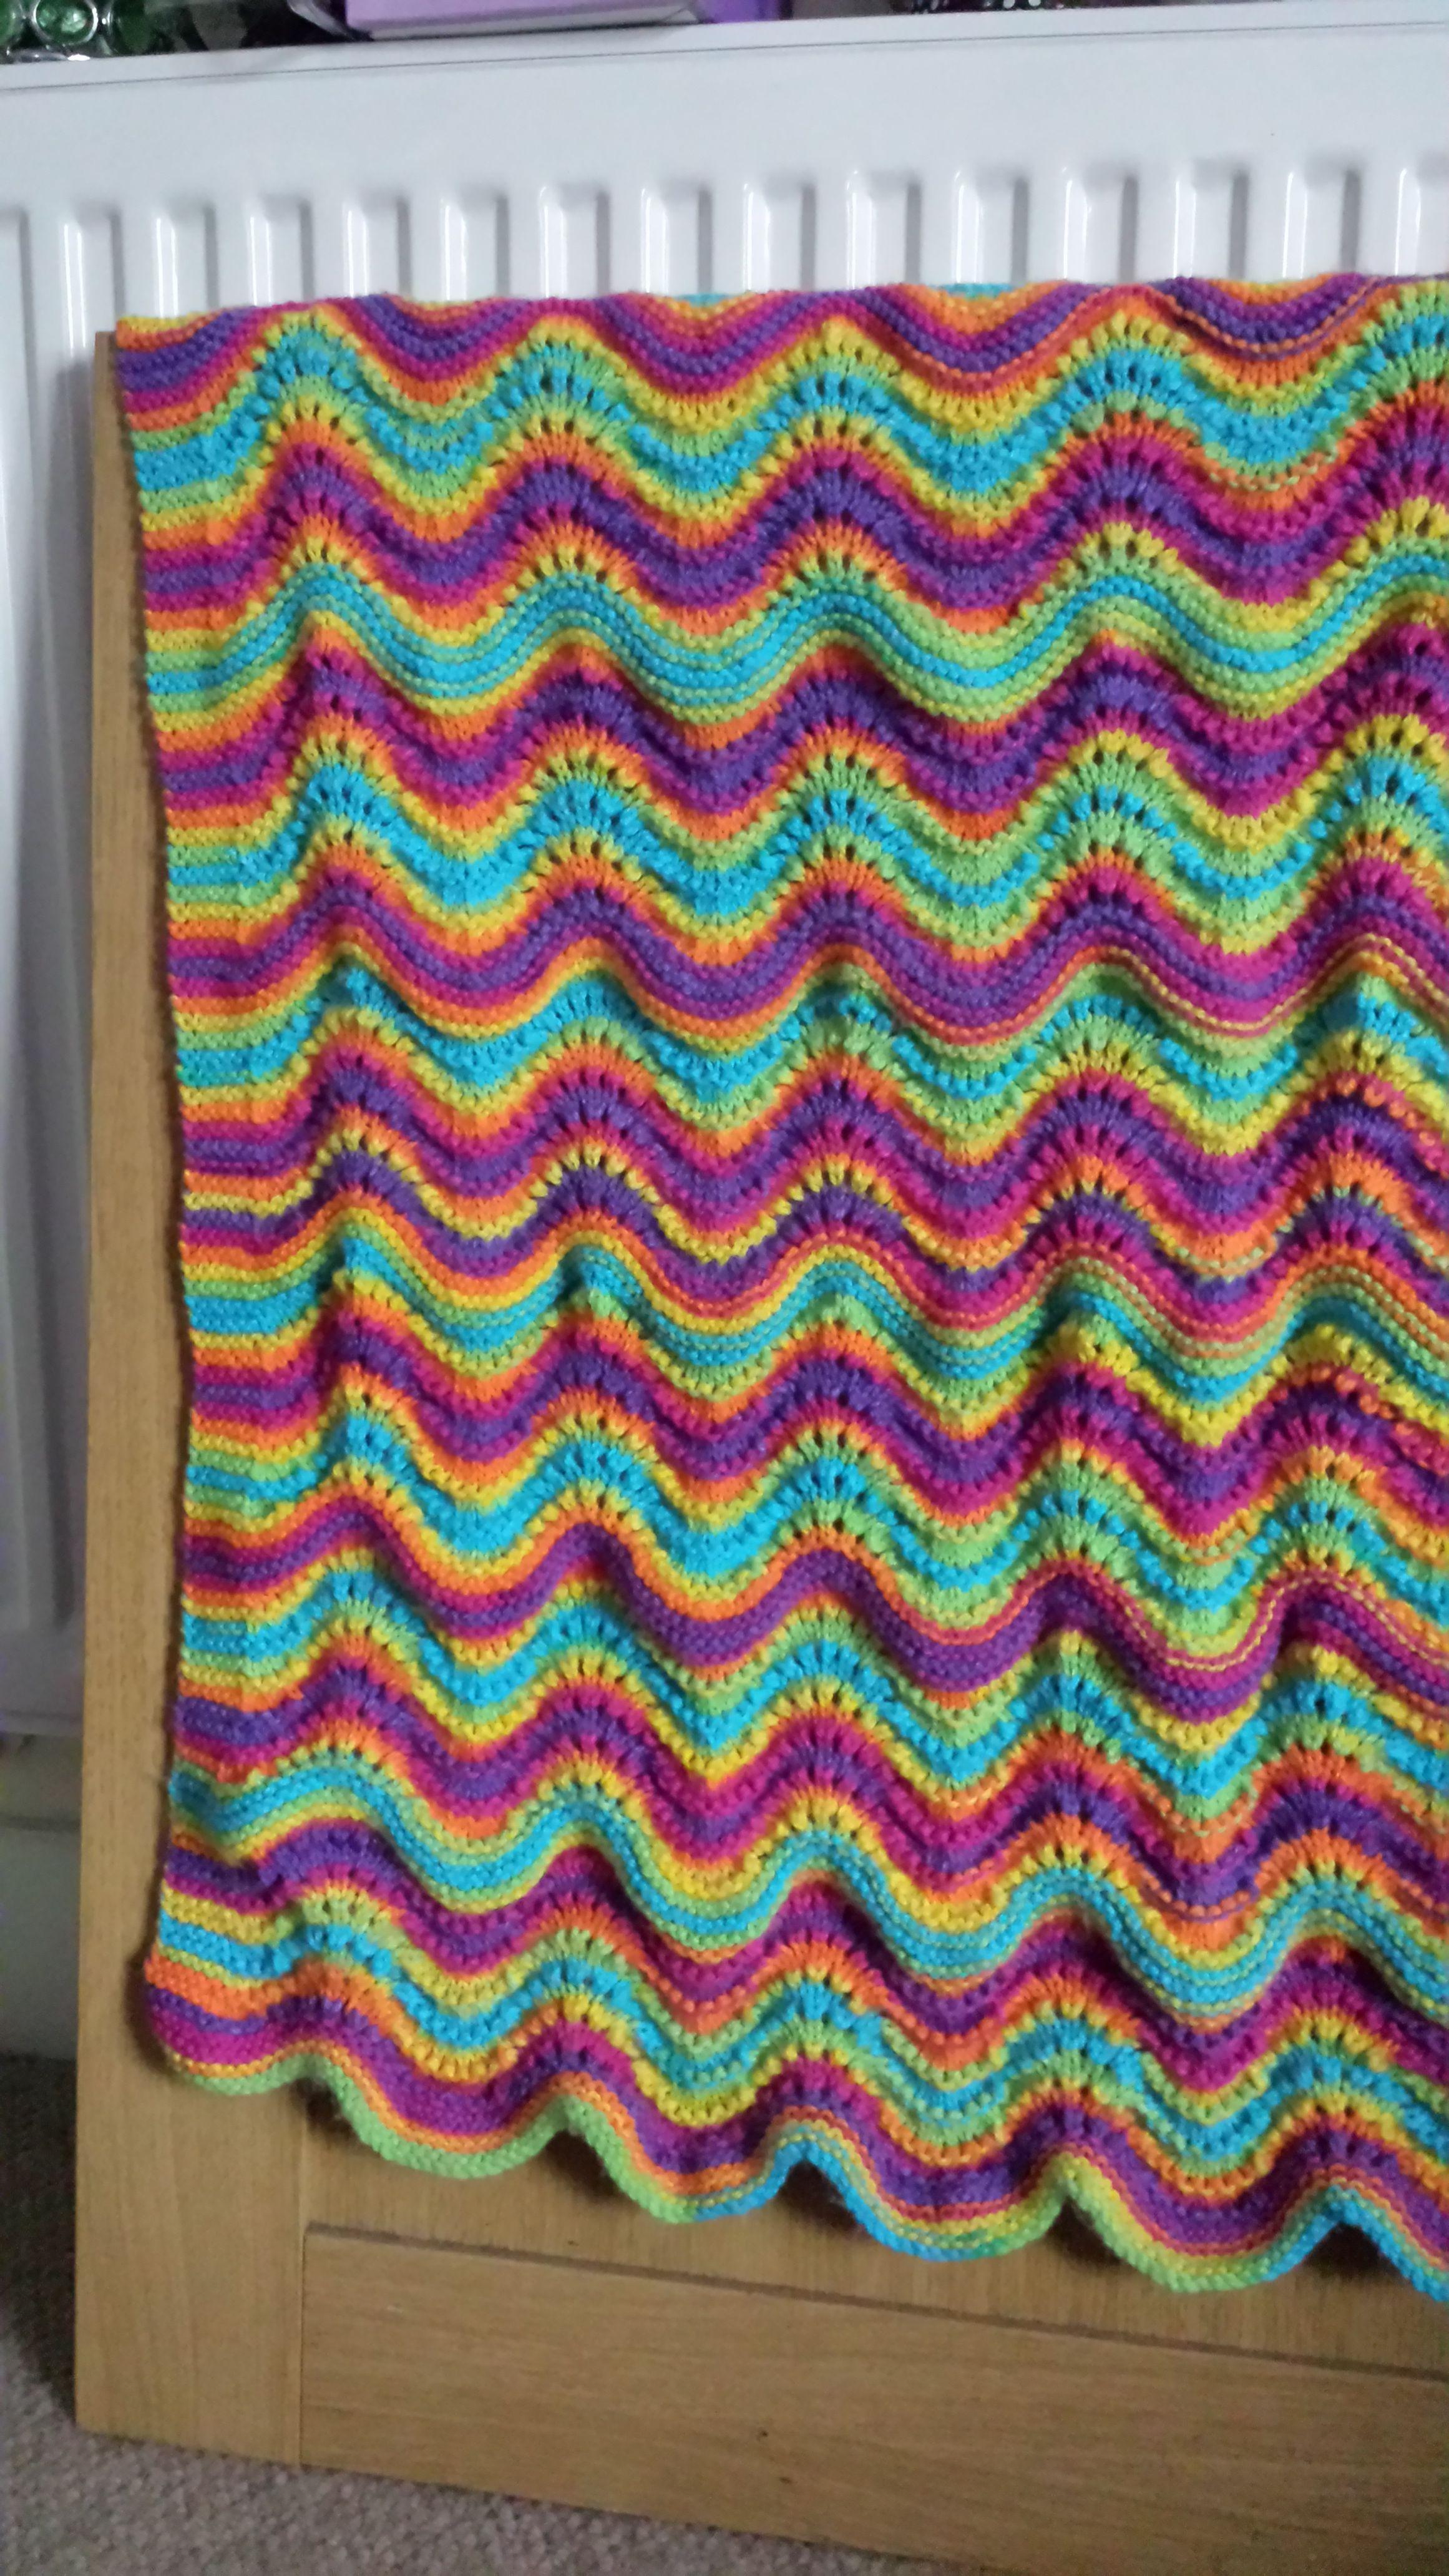 Feather Fan Baby Blanket Pattern From Ravelry Crochetknitting